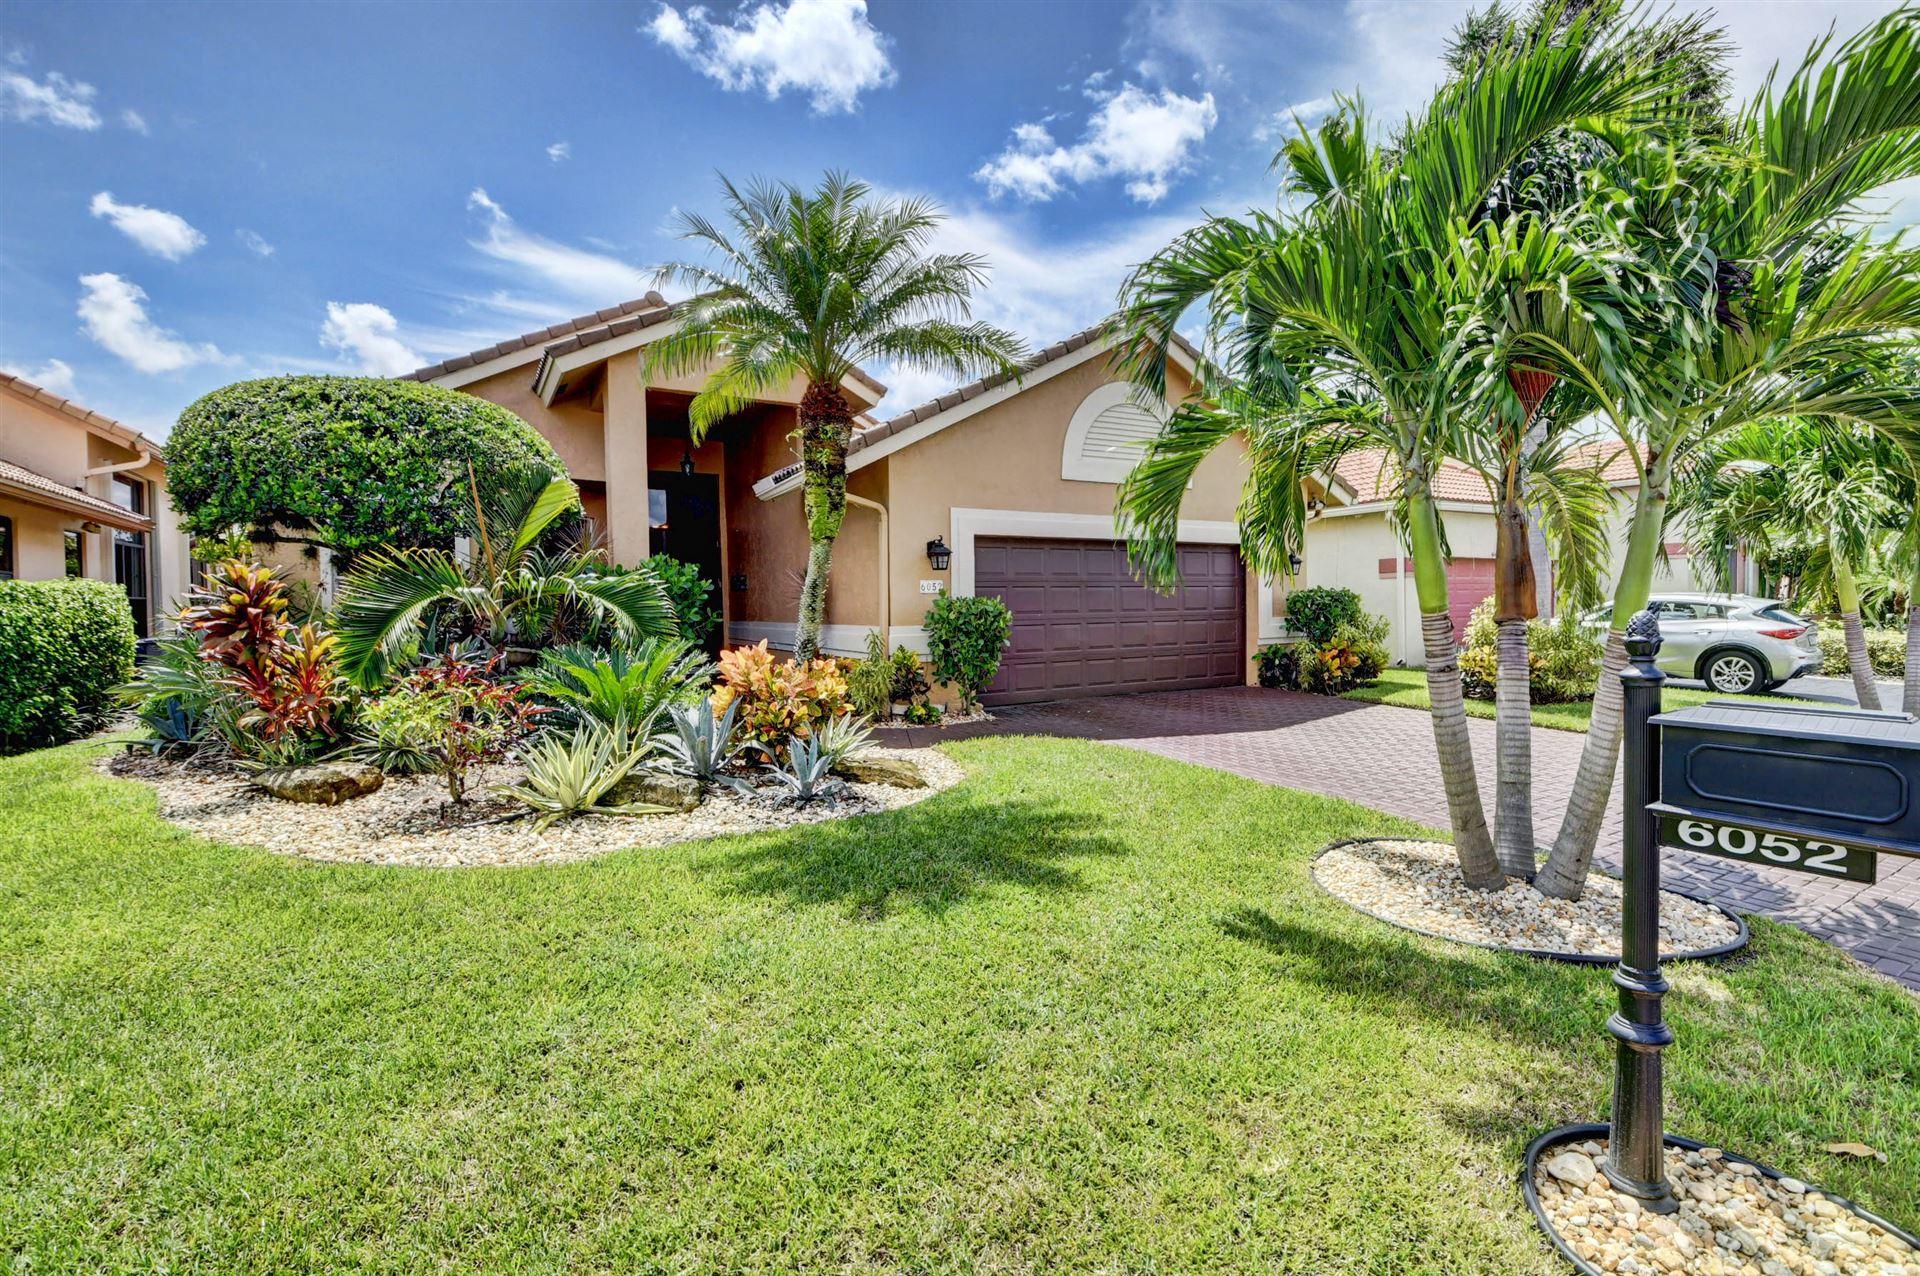 6052 Terra Mere Circle, Boynton Beach, FL 33437 - #: RX-10655180